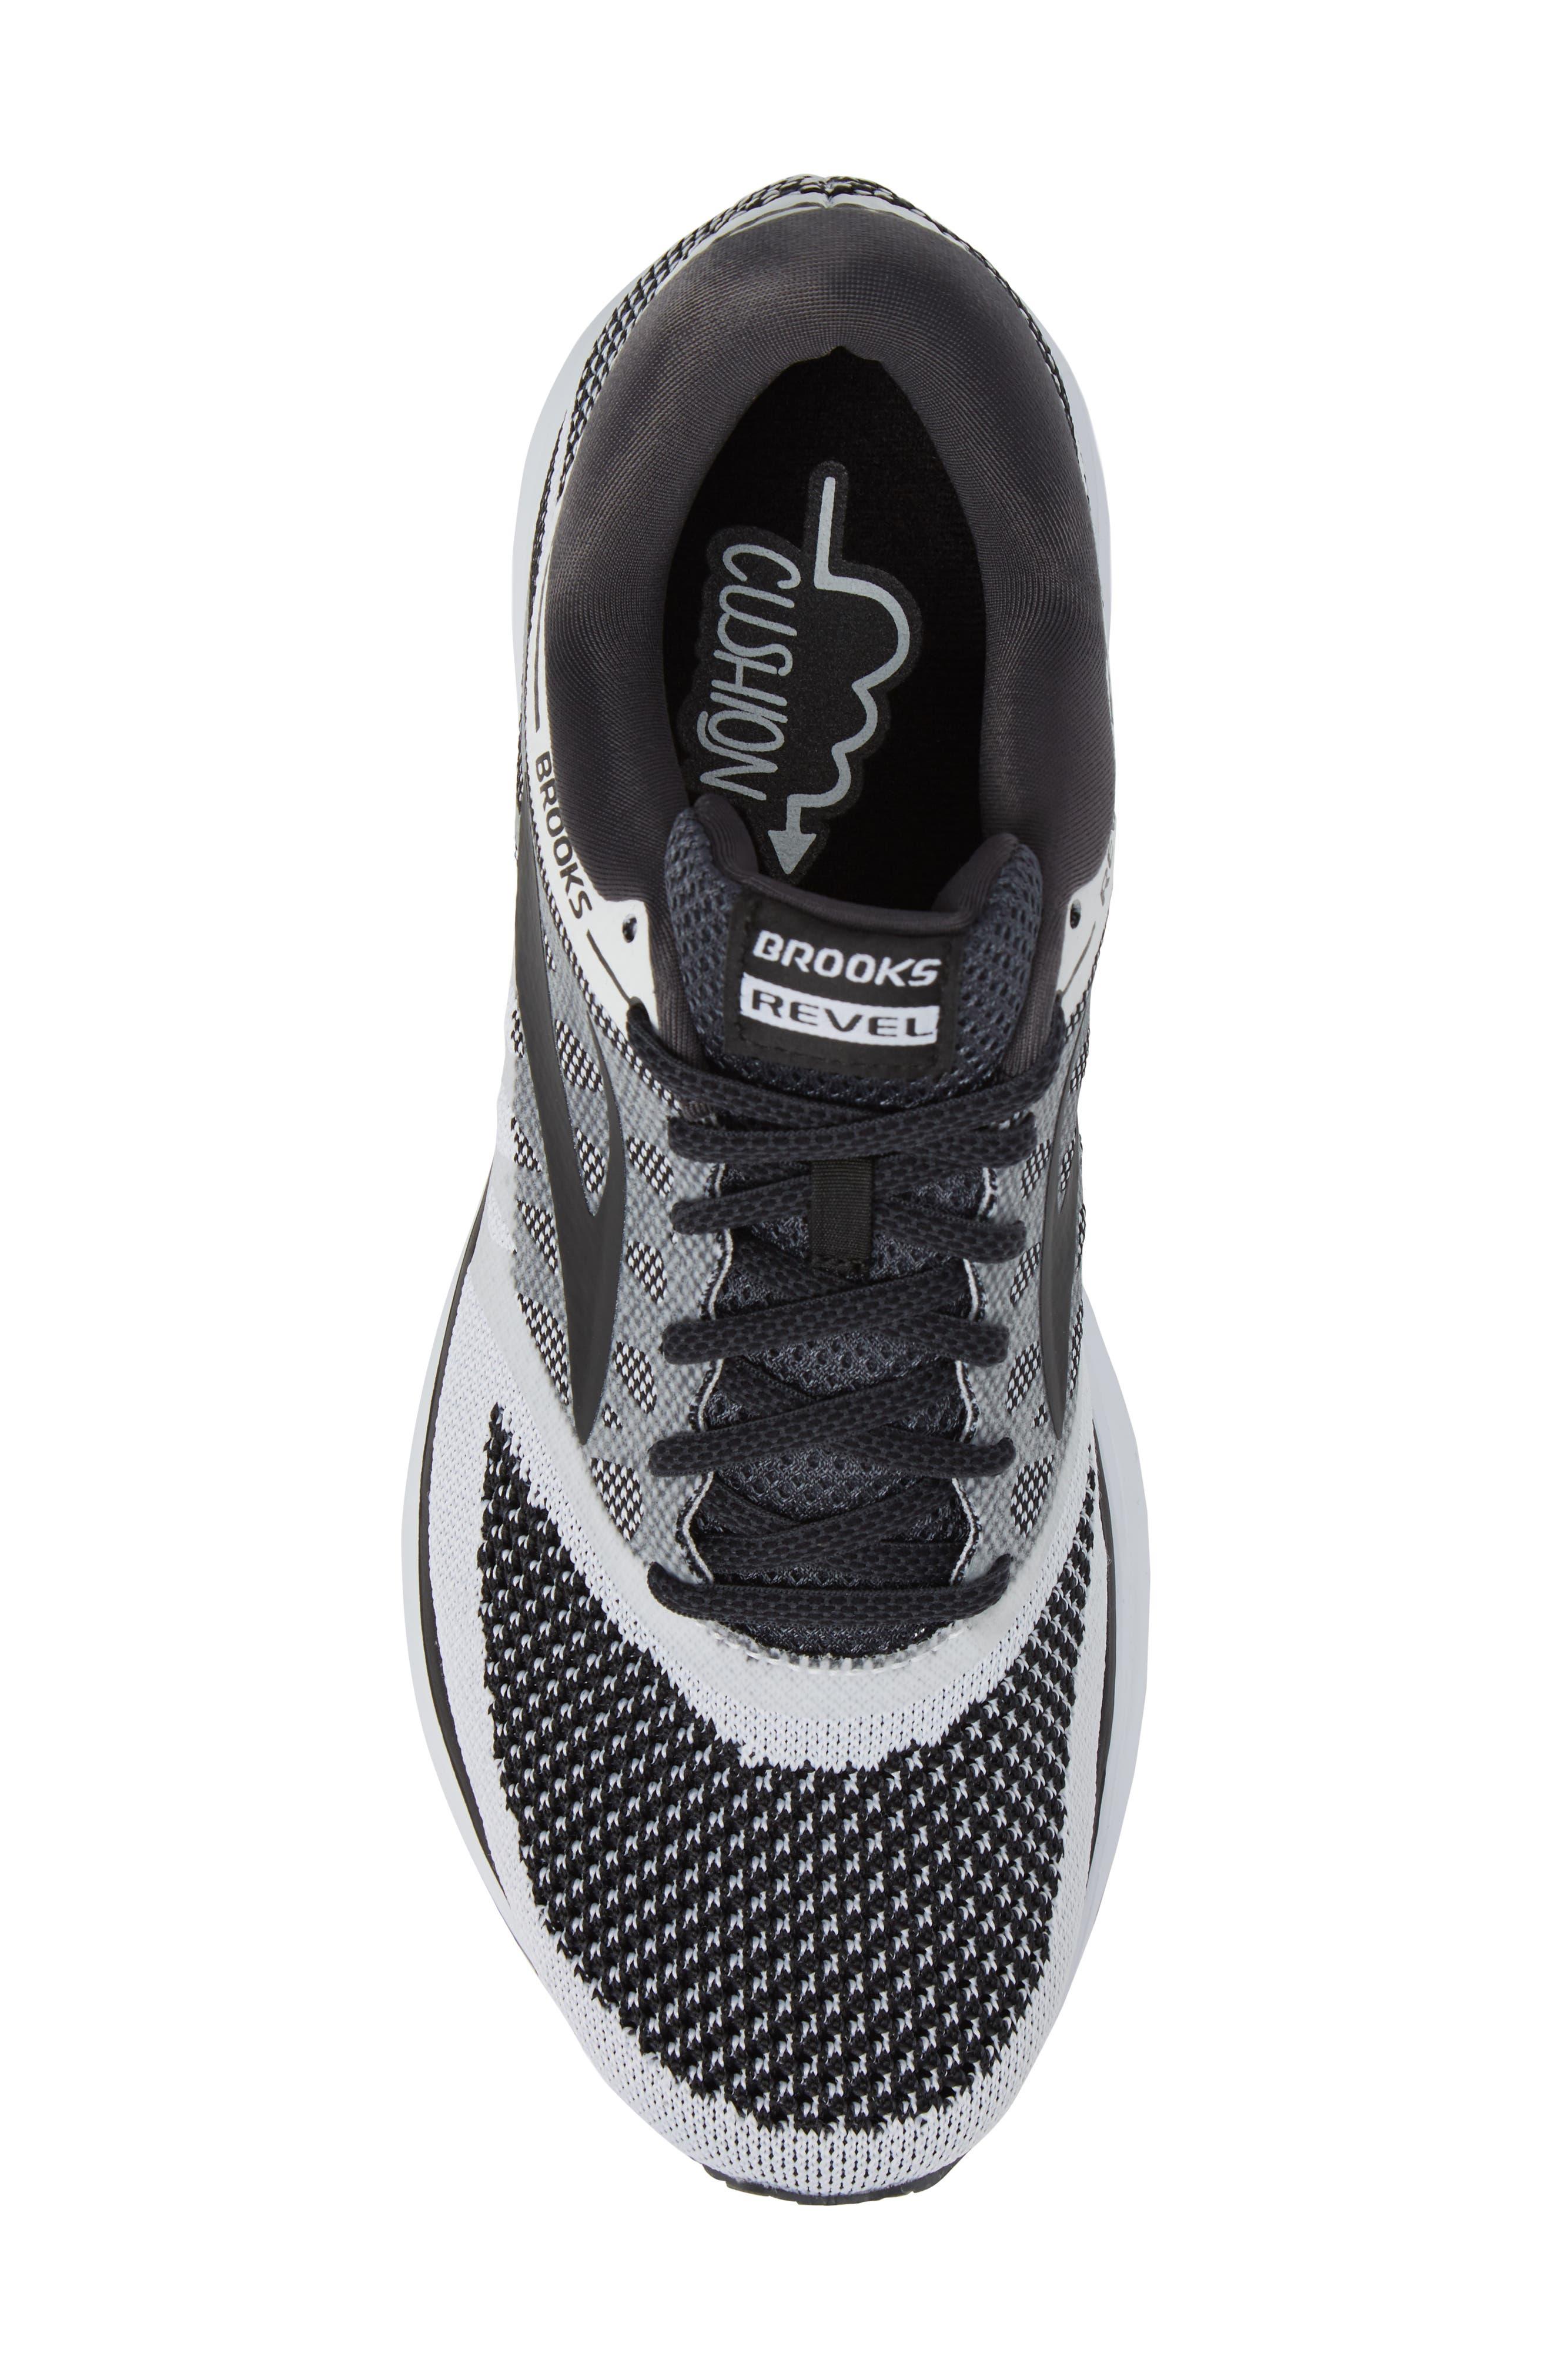 Revel Sneaker,                             Alternate thumbnail 5, color,                             White/ Anthracite/ Black